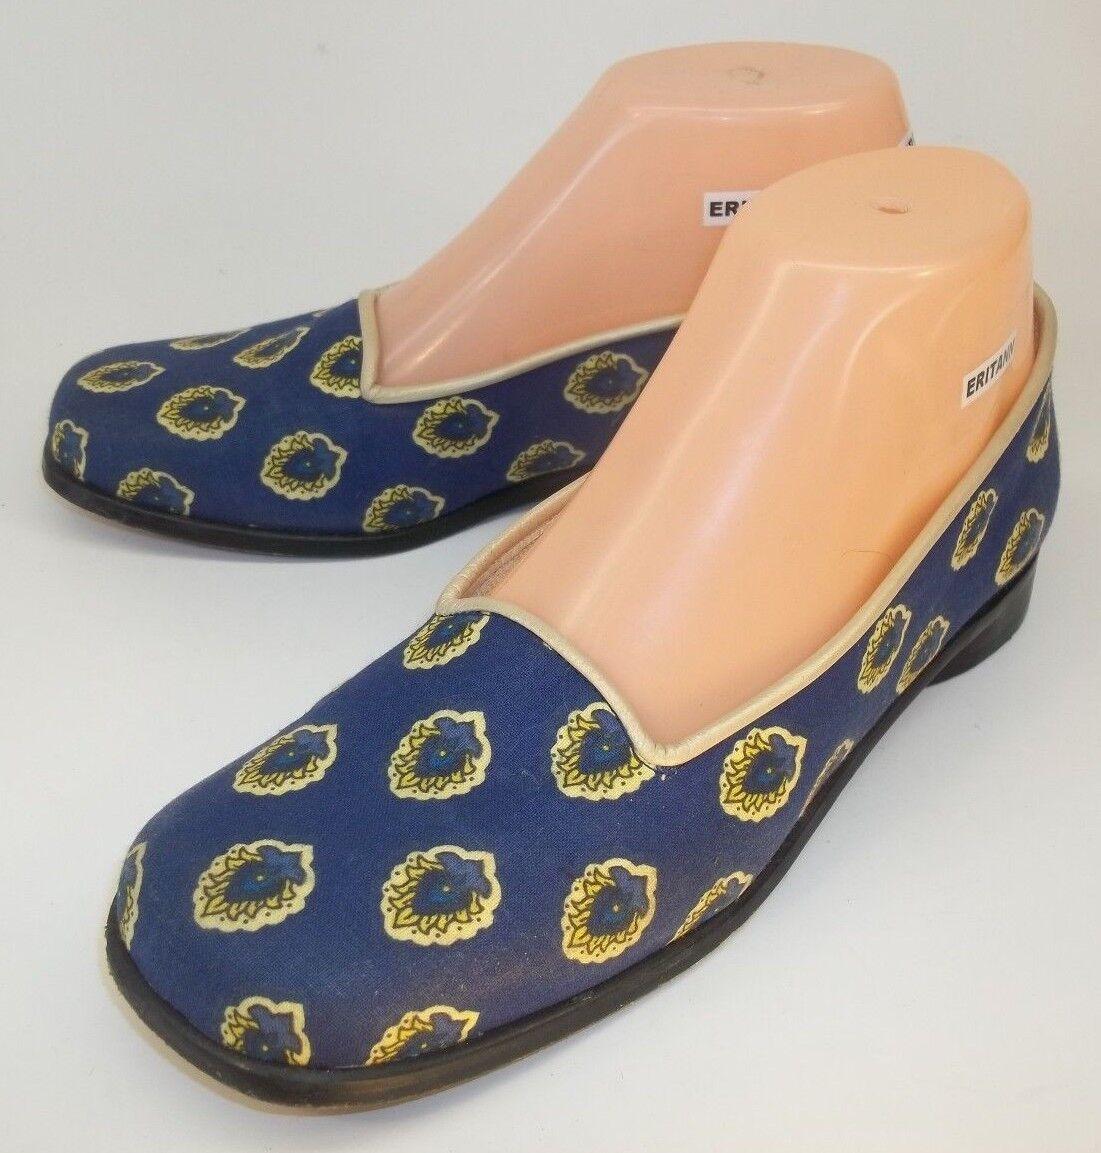 Estados de ánimo Mujer Mujer Mujer Zapatos Paul Mayer US 6.5 B Azul Tela Floral Suela De Cuero Sin Cordones  bienvenido a comprar